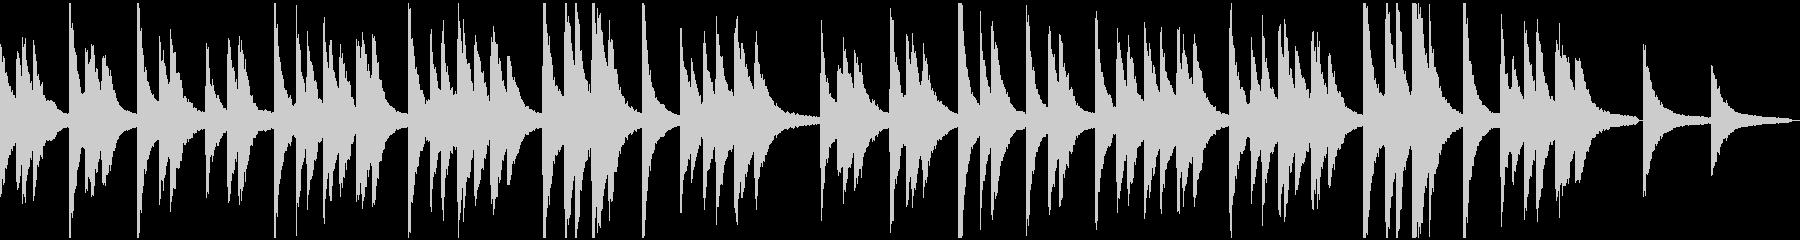 きよしこの夜(アーメン付)ピアノ版の未再生の波形